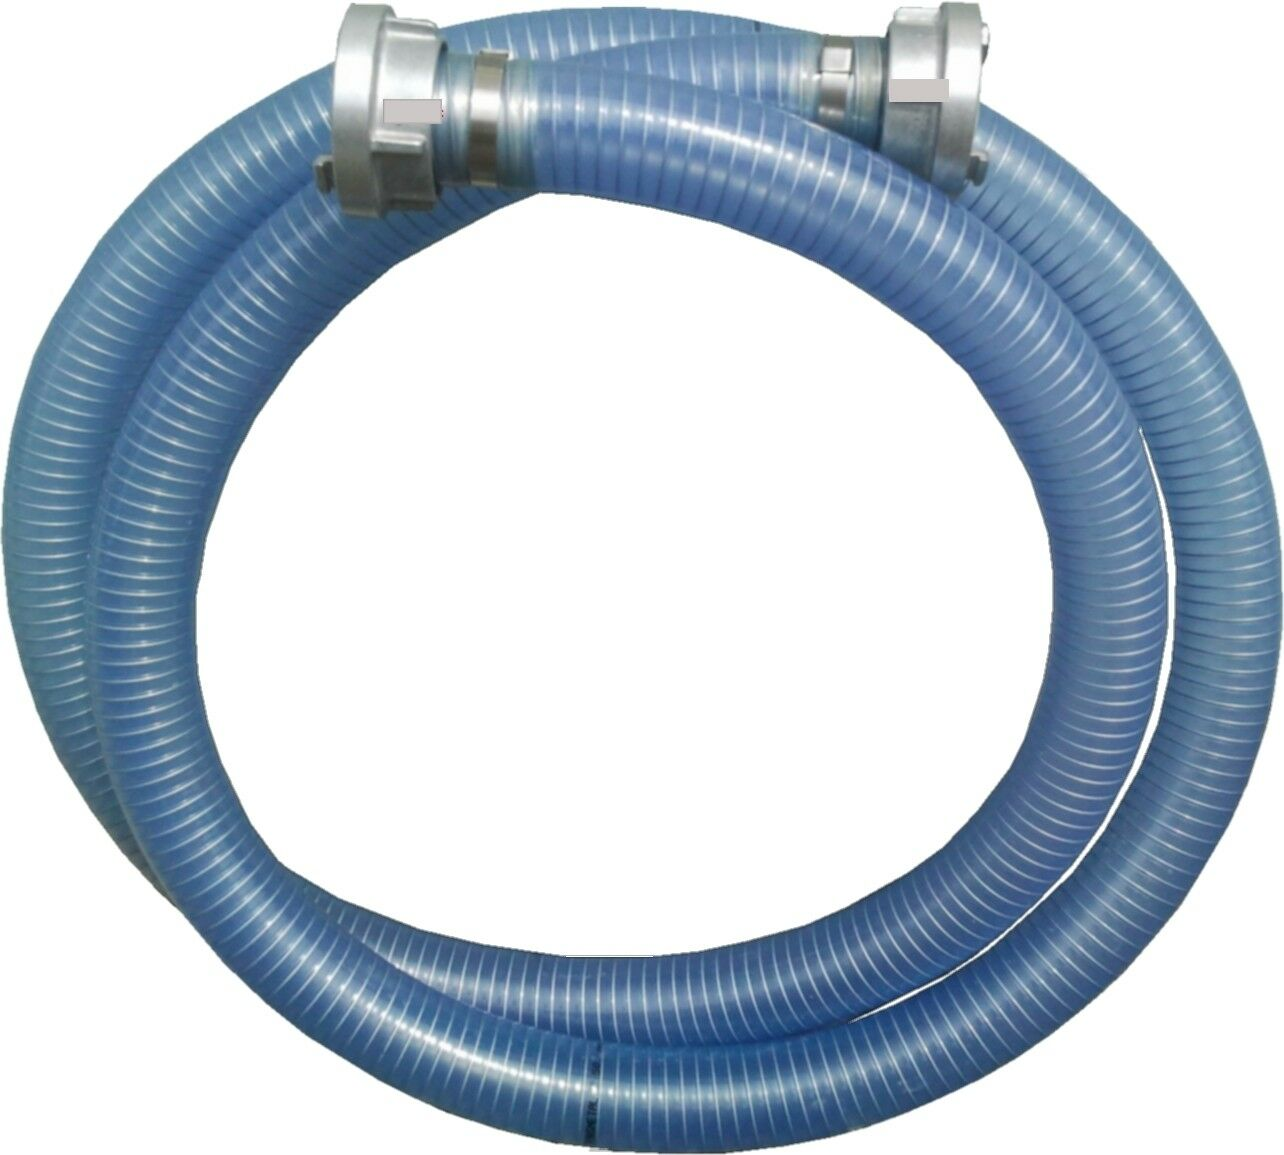 Ansaugschlauch 2 (50mm) Stahlspiralschlauch 2 x Storz C Längen 2m - 4m - 6m - 8m   Merkwürdige Form    Kostengünstiger    Üppiges Design